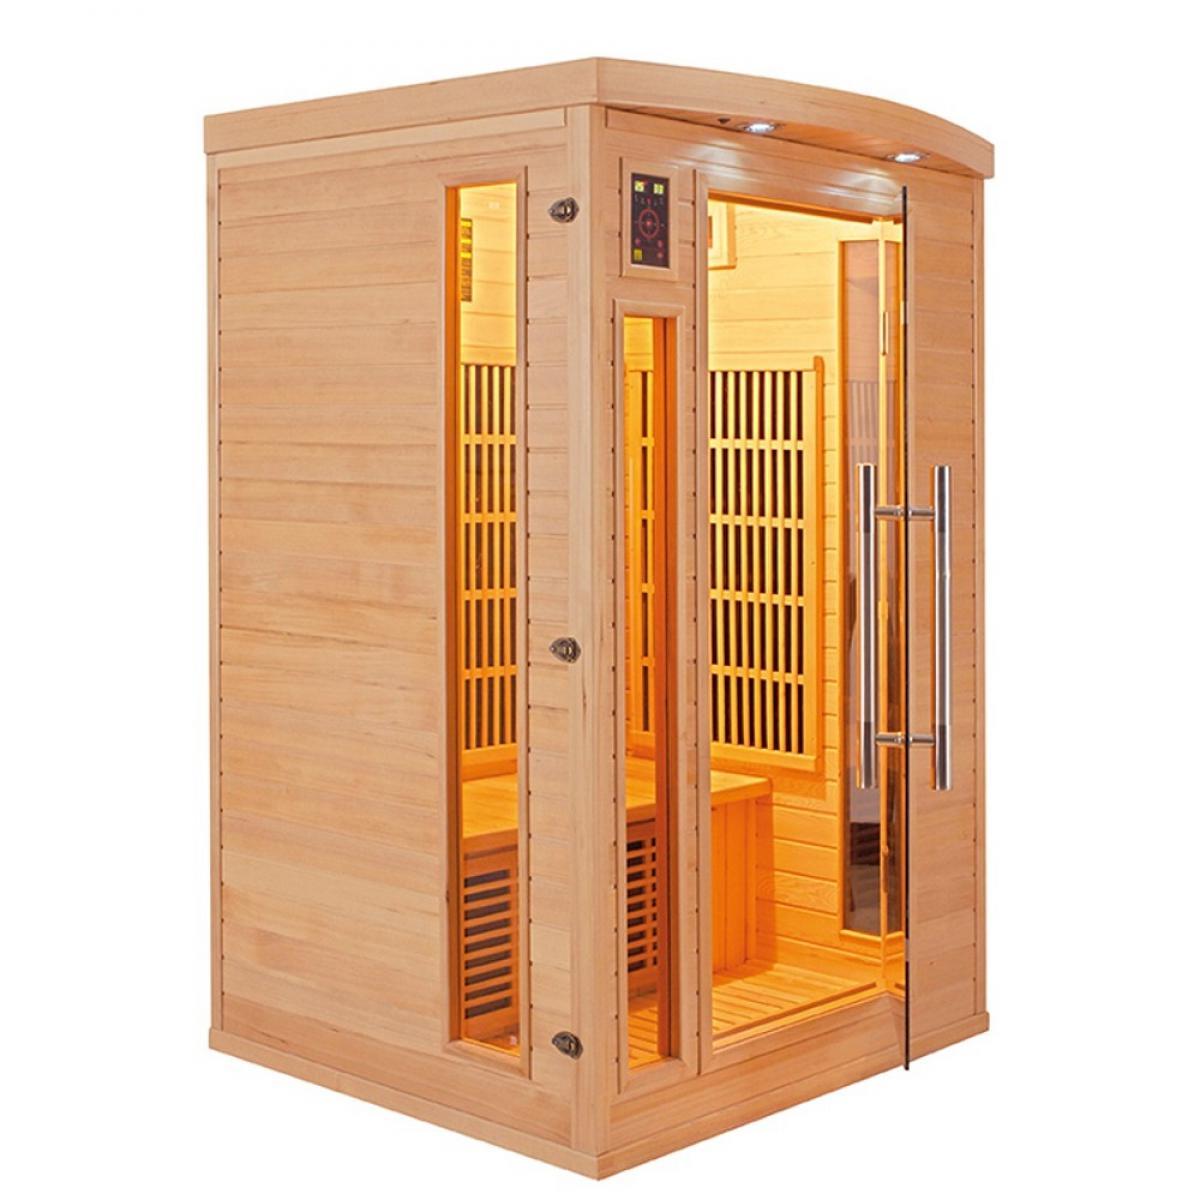 Poolstar Sauna Apollon Infrarouge FRANCE SAUNA 2 places